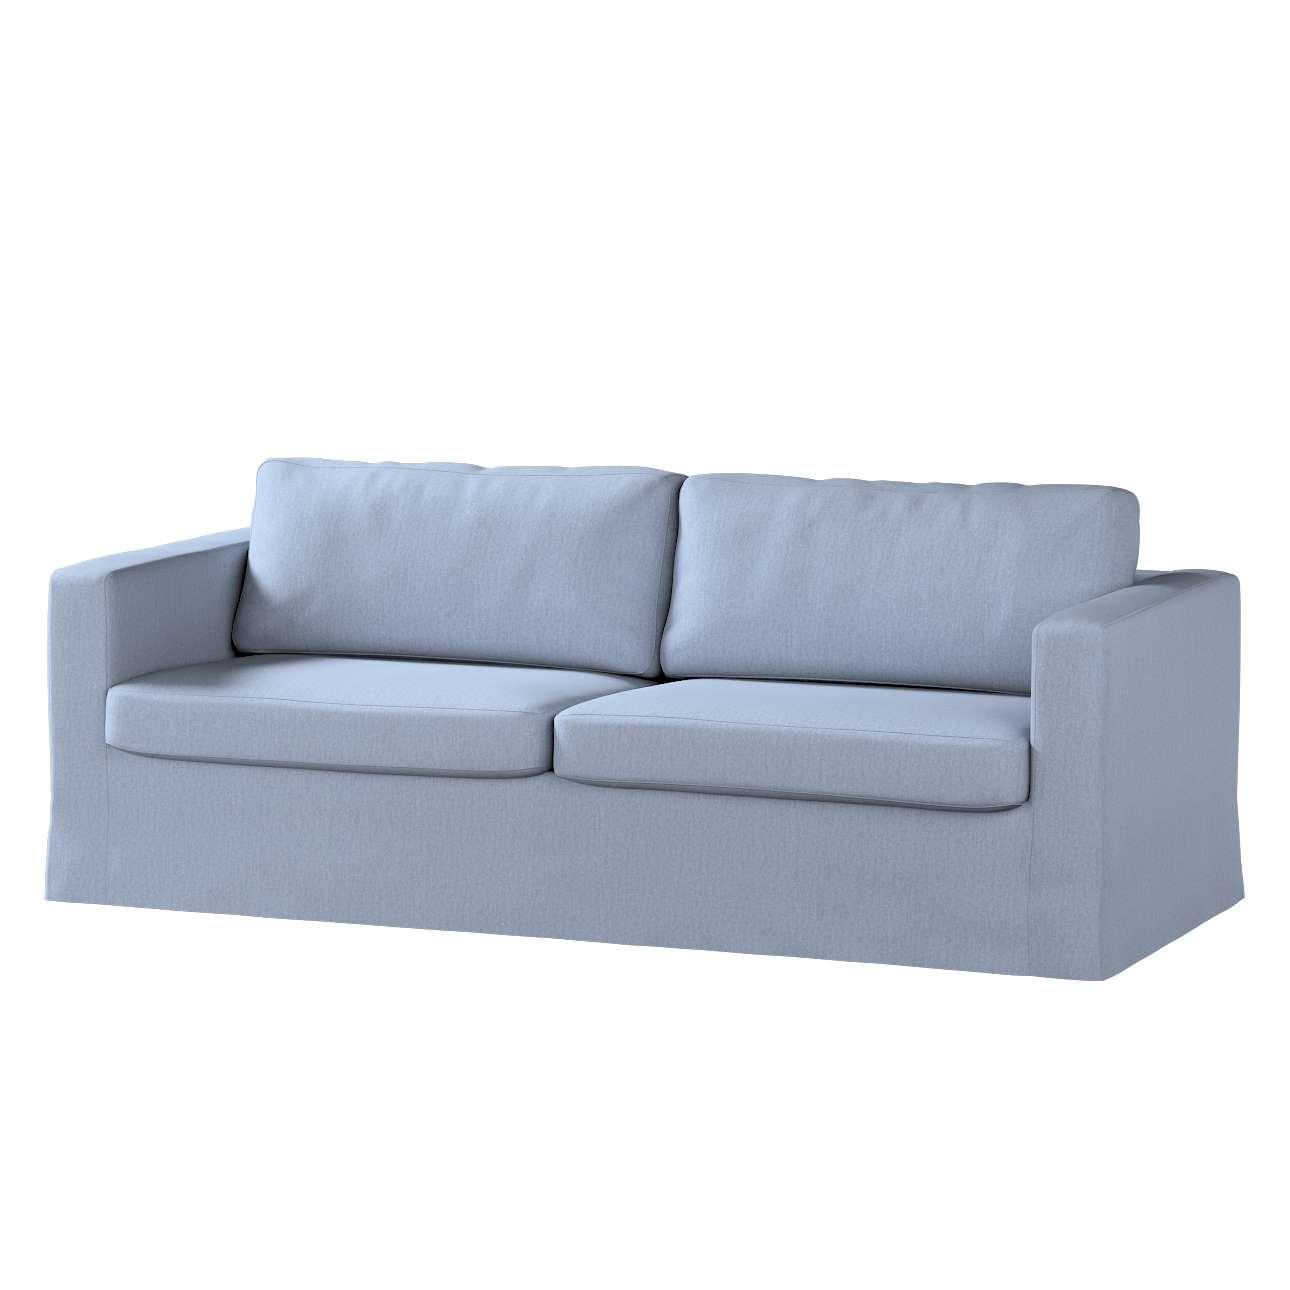 Karlstad trivietės sofos užvalkalas (ilgas, iki žemės) Karlstad trivietės sofos užvalkalas (ilgas, iki žemės) kolekcijoje Chenille, audinys: 702-13